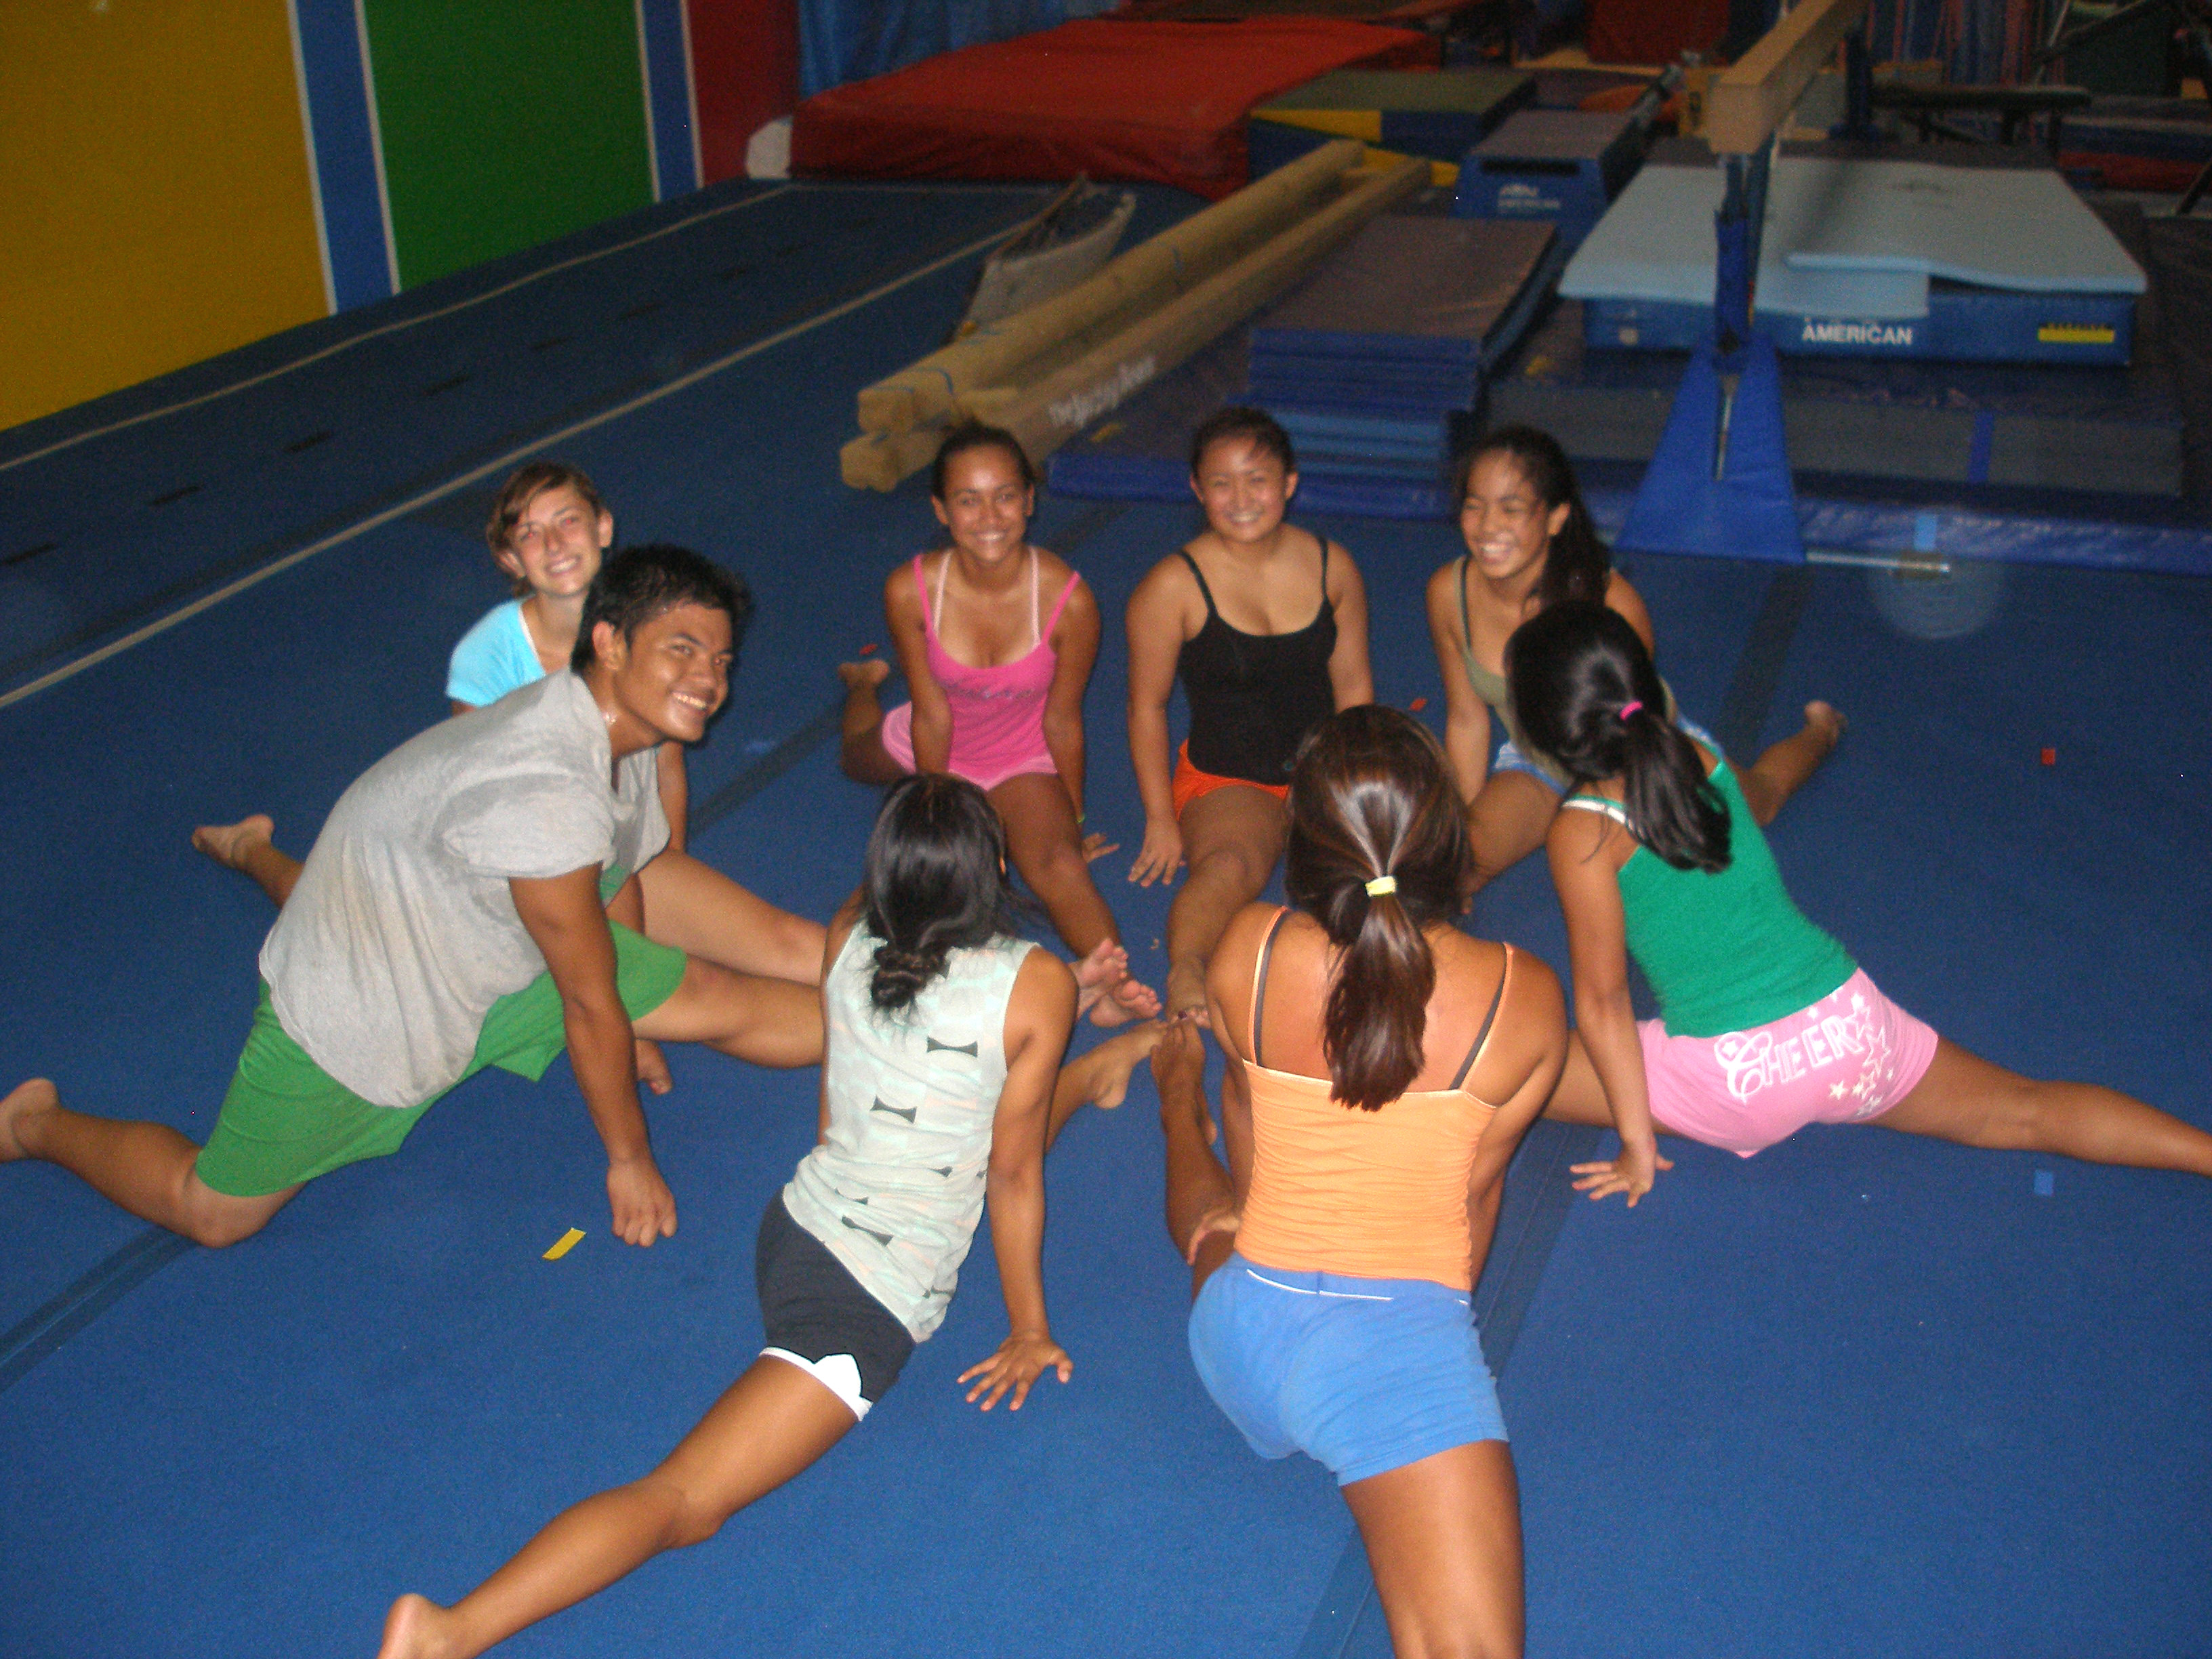 Thursday Night Tumbling for Cheerleaders | Kauai Gymnastics Academy